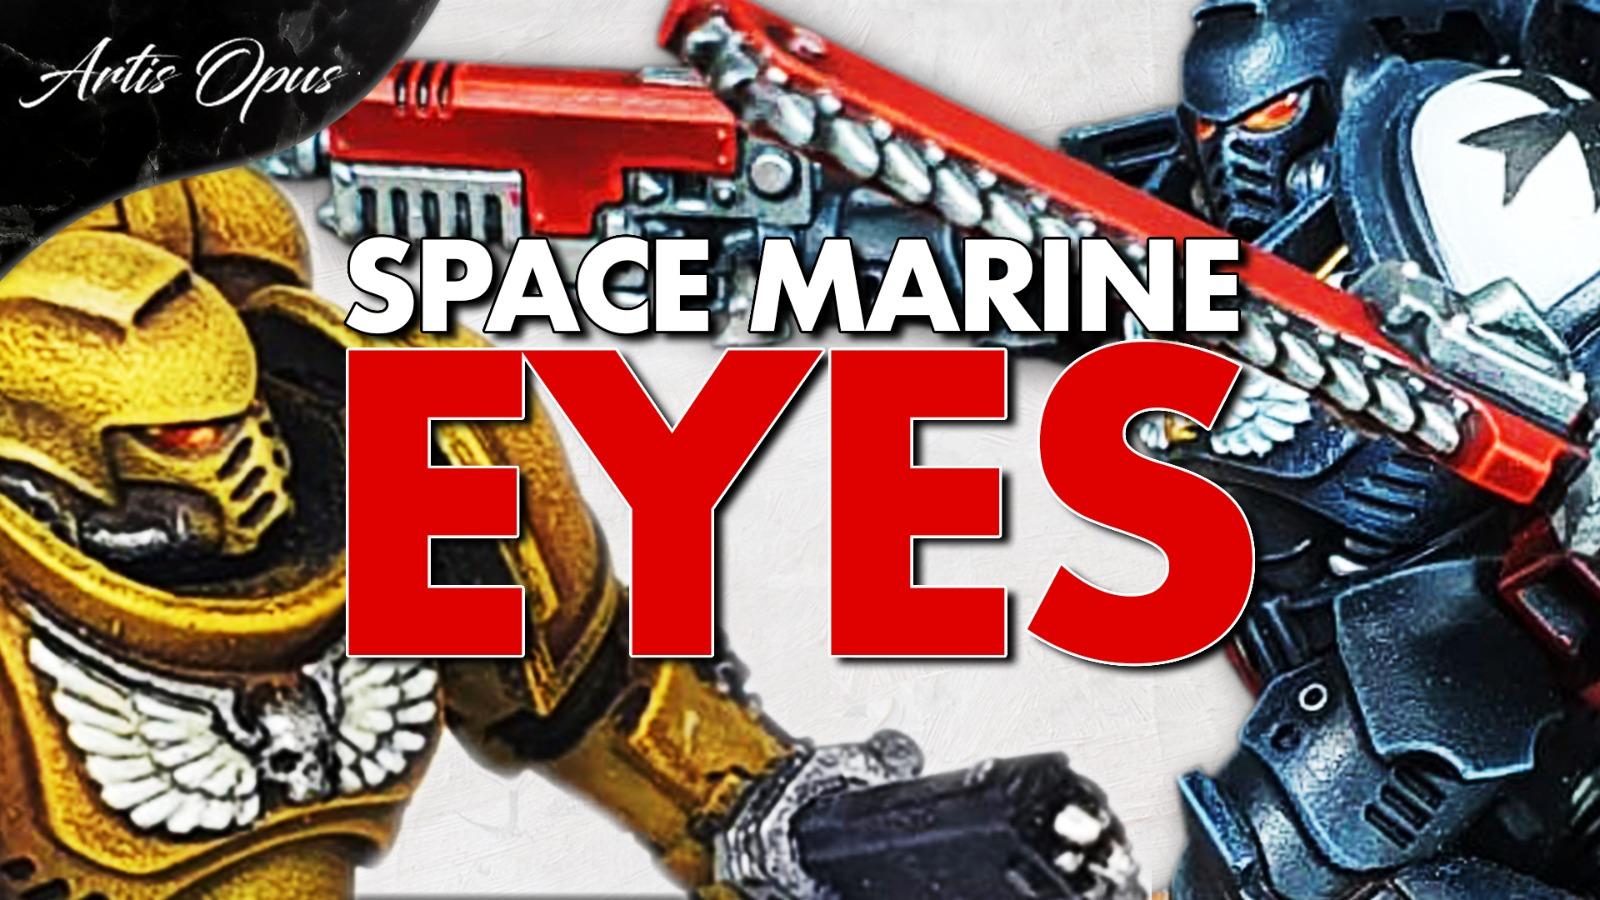 Artis Opus Space Marine Eyes Paint Bundle